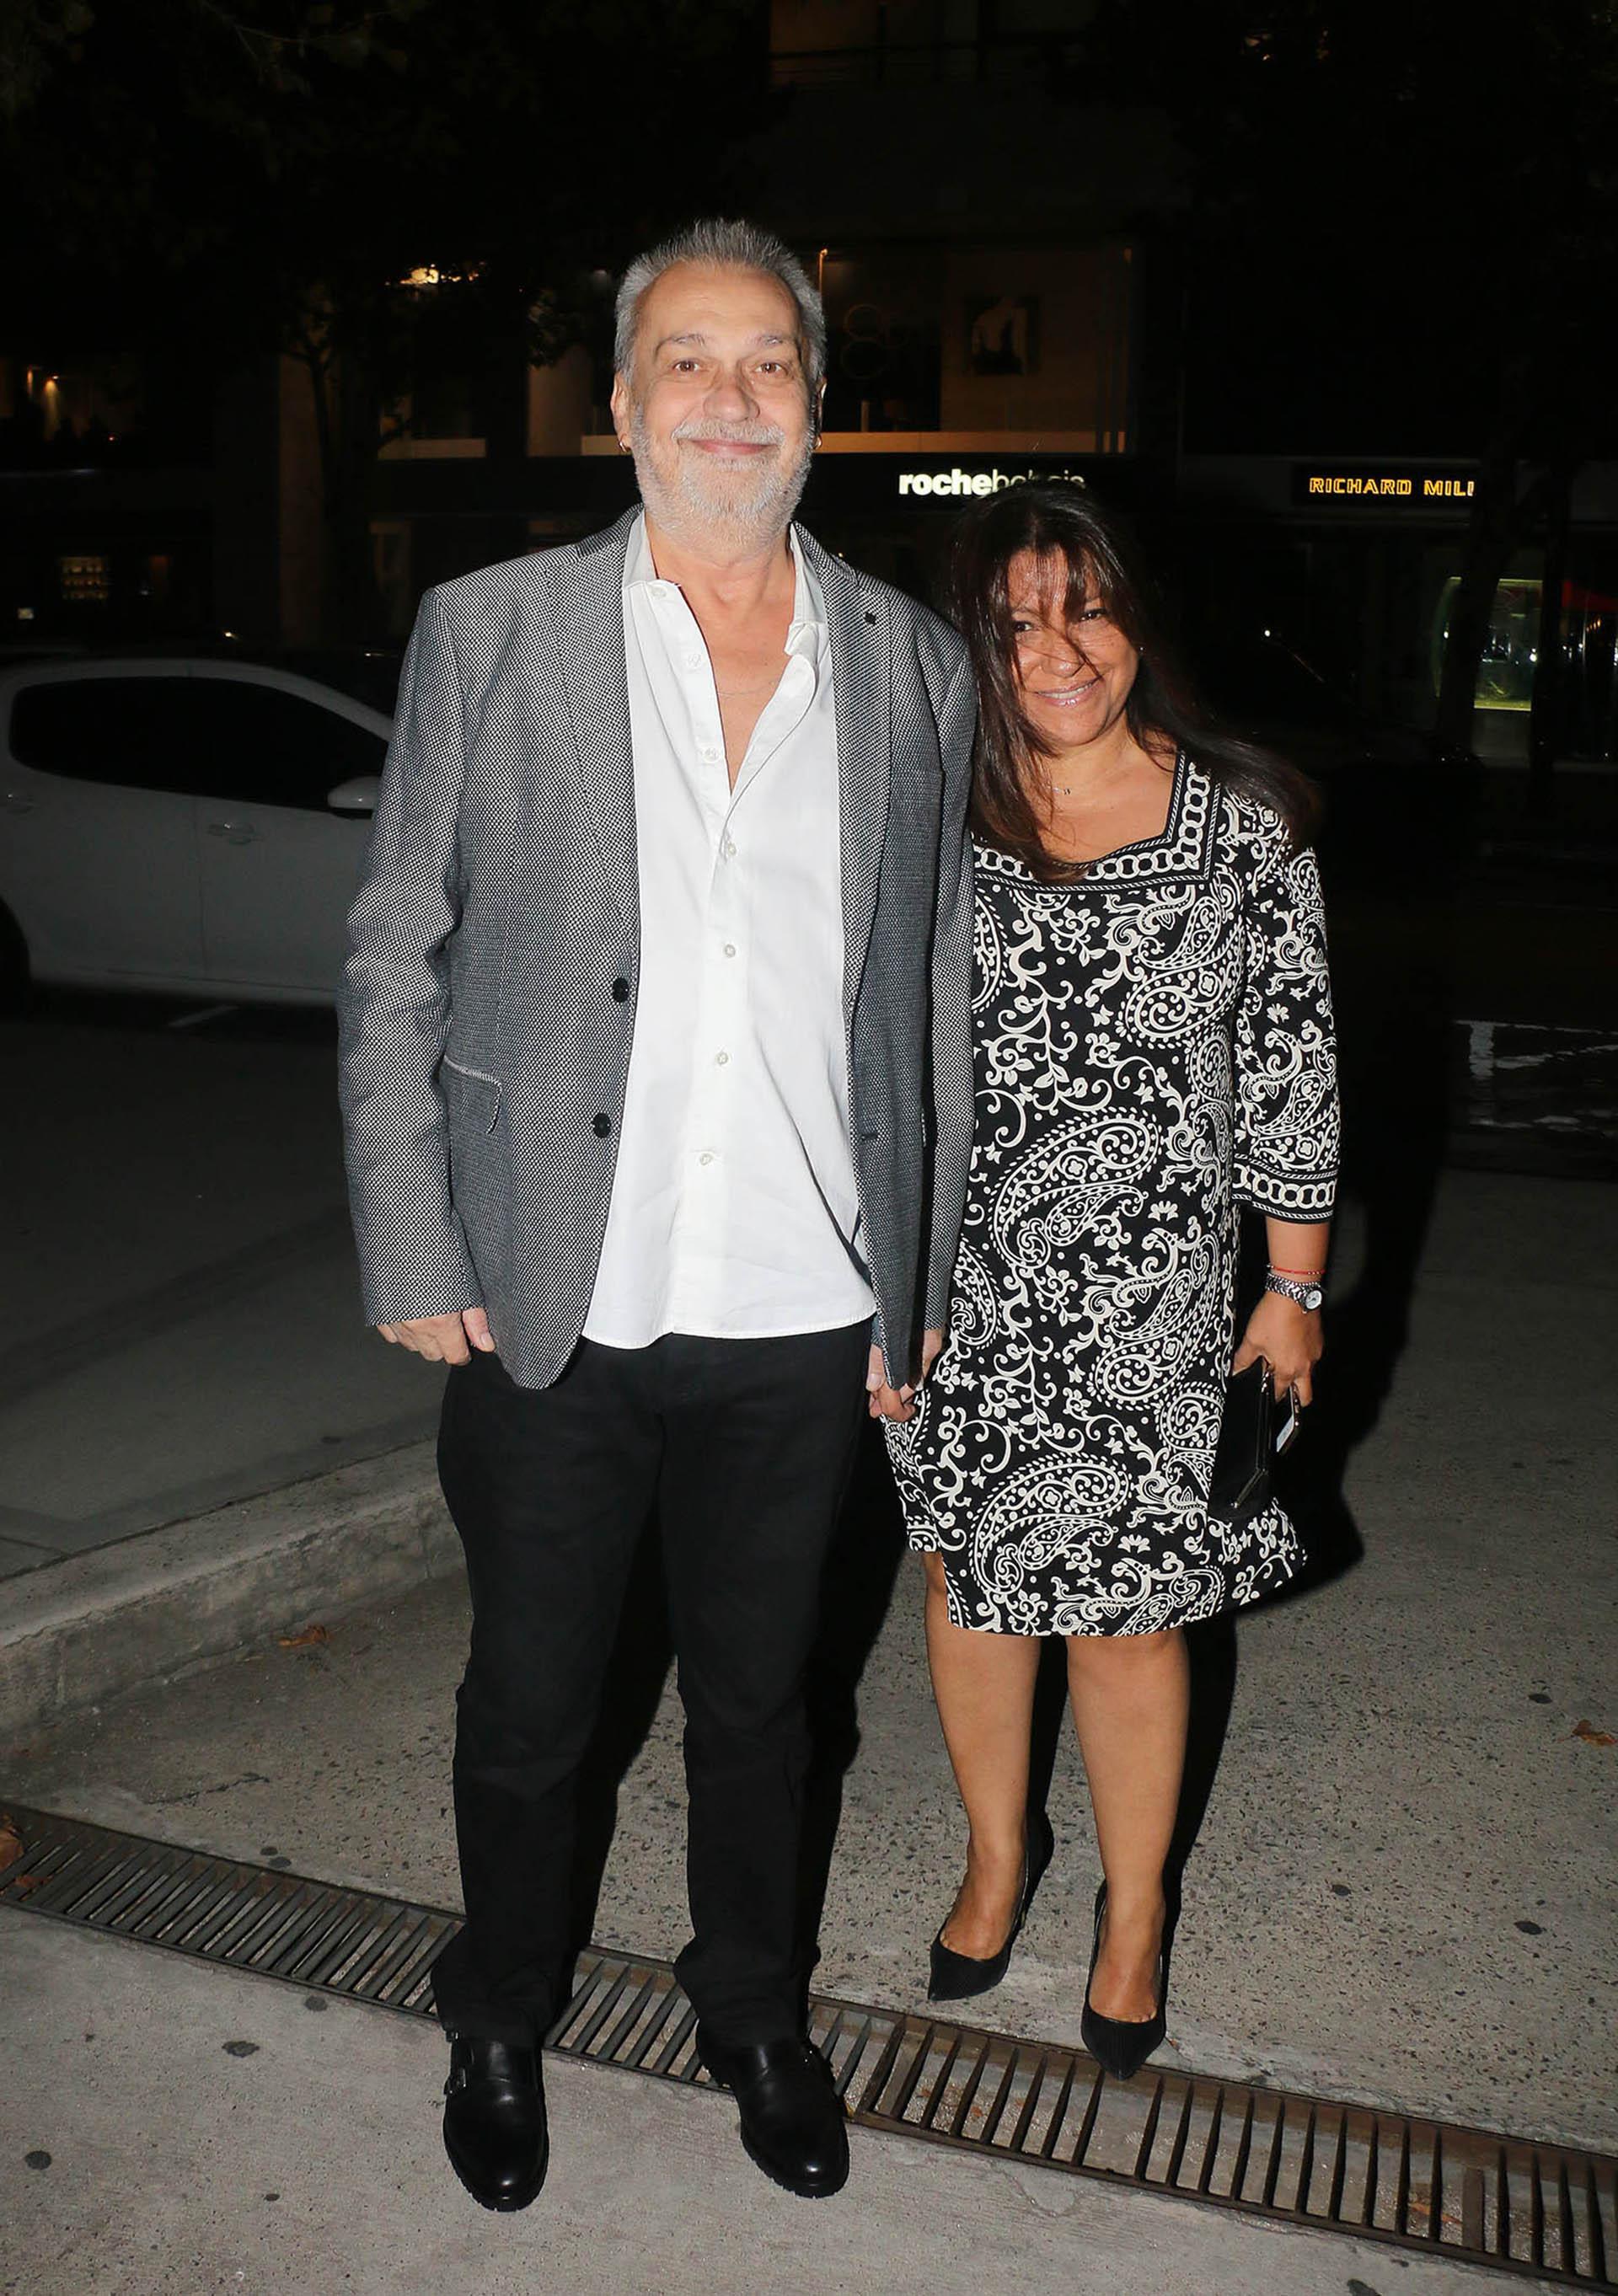 David Lebón y su mujer (Fotos: Verónica Guerman/Teleshow)